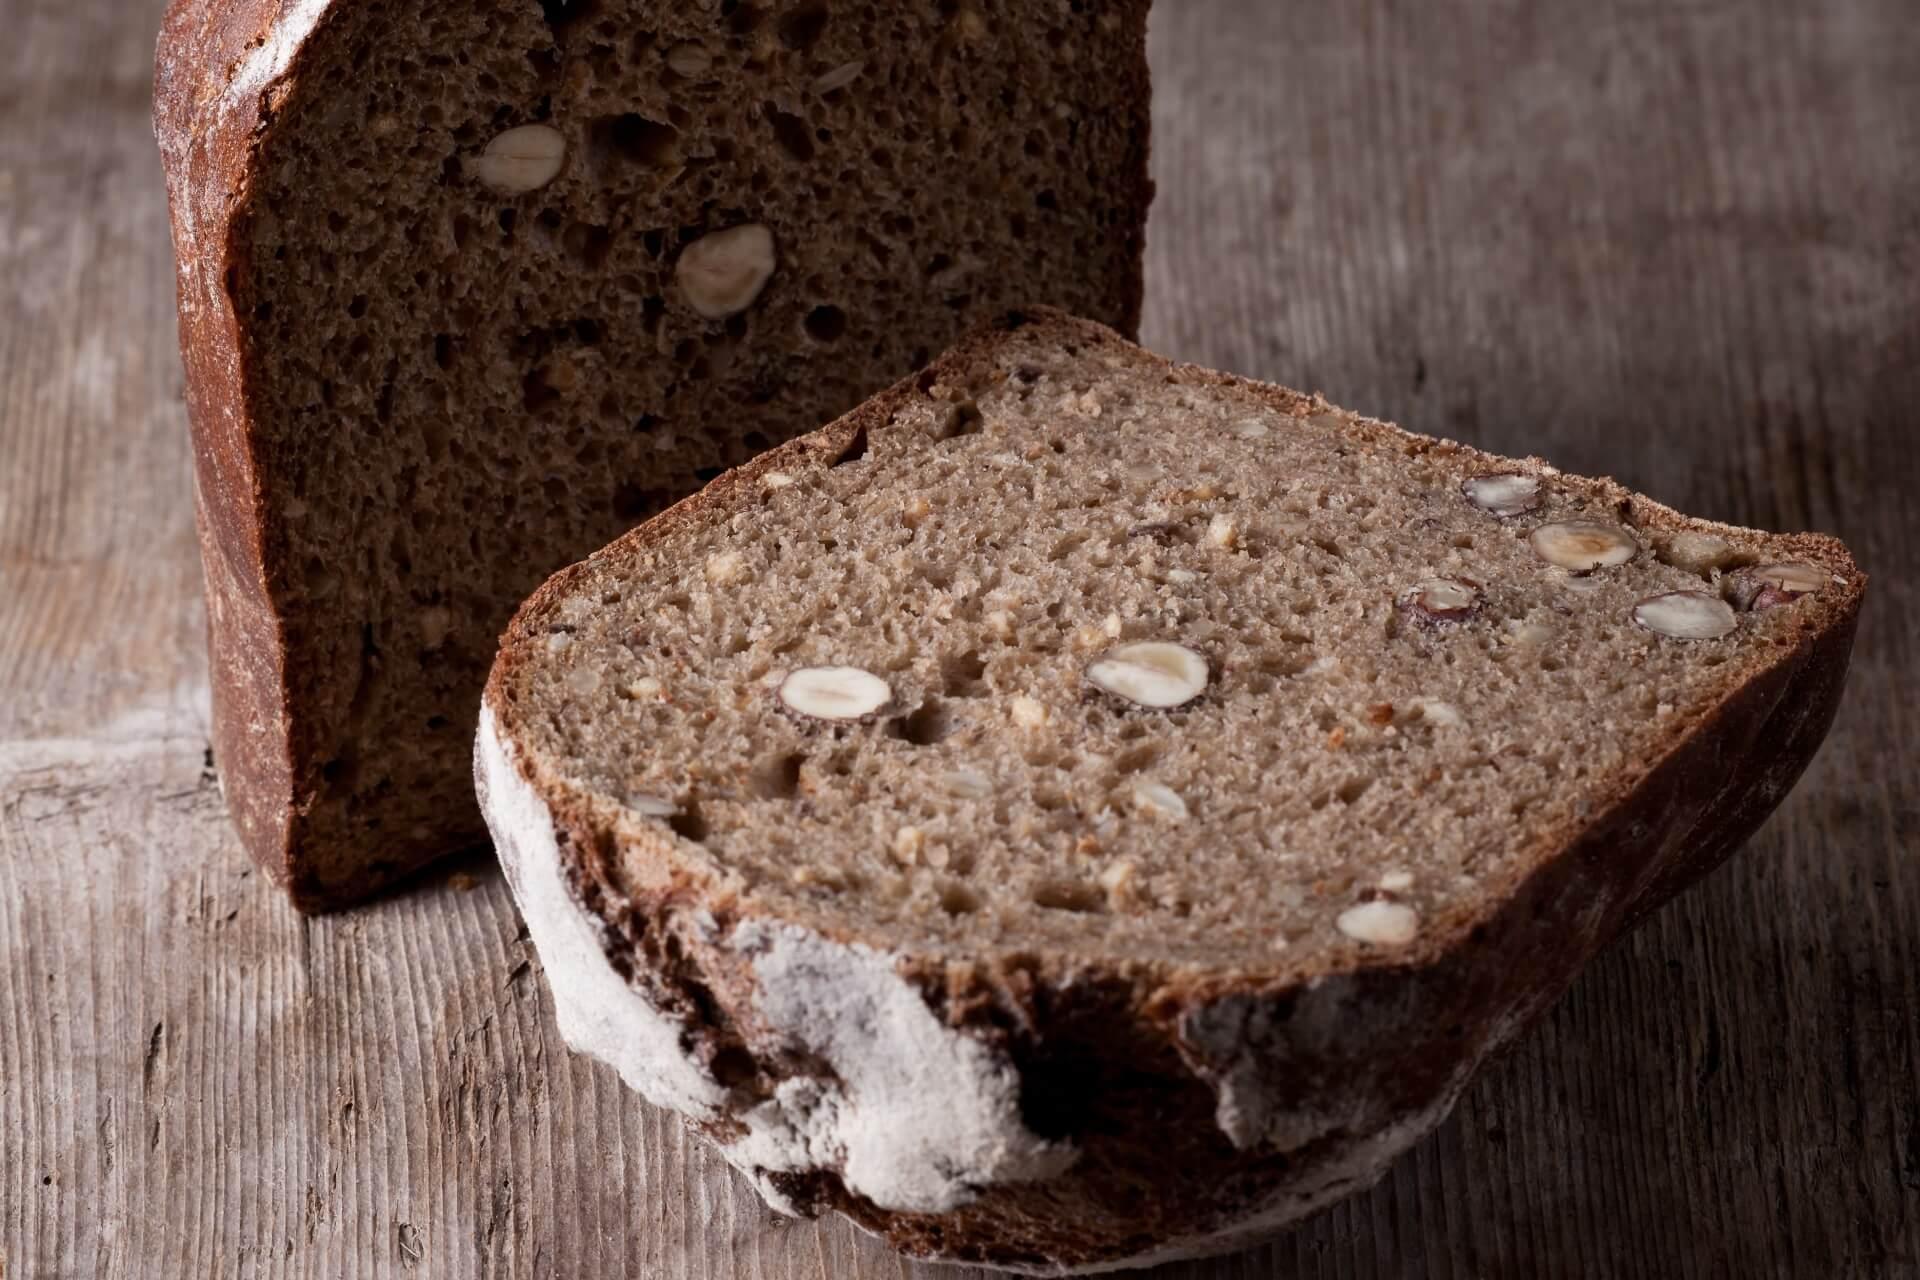 Kartoffel Walnuss Brot